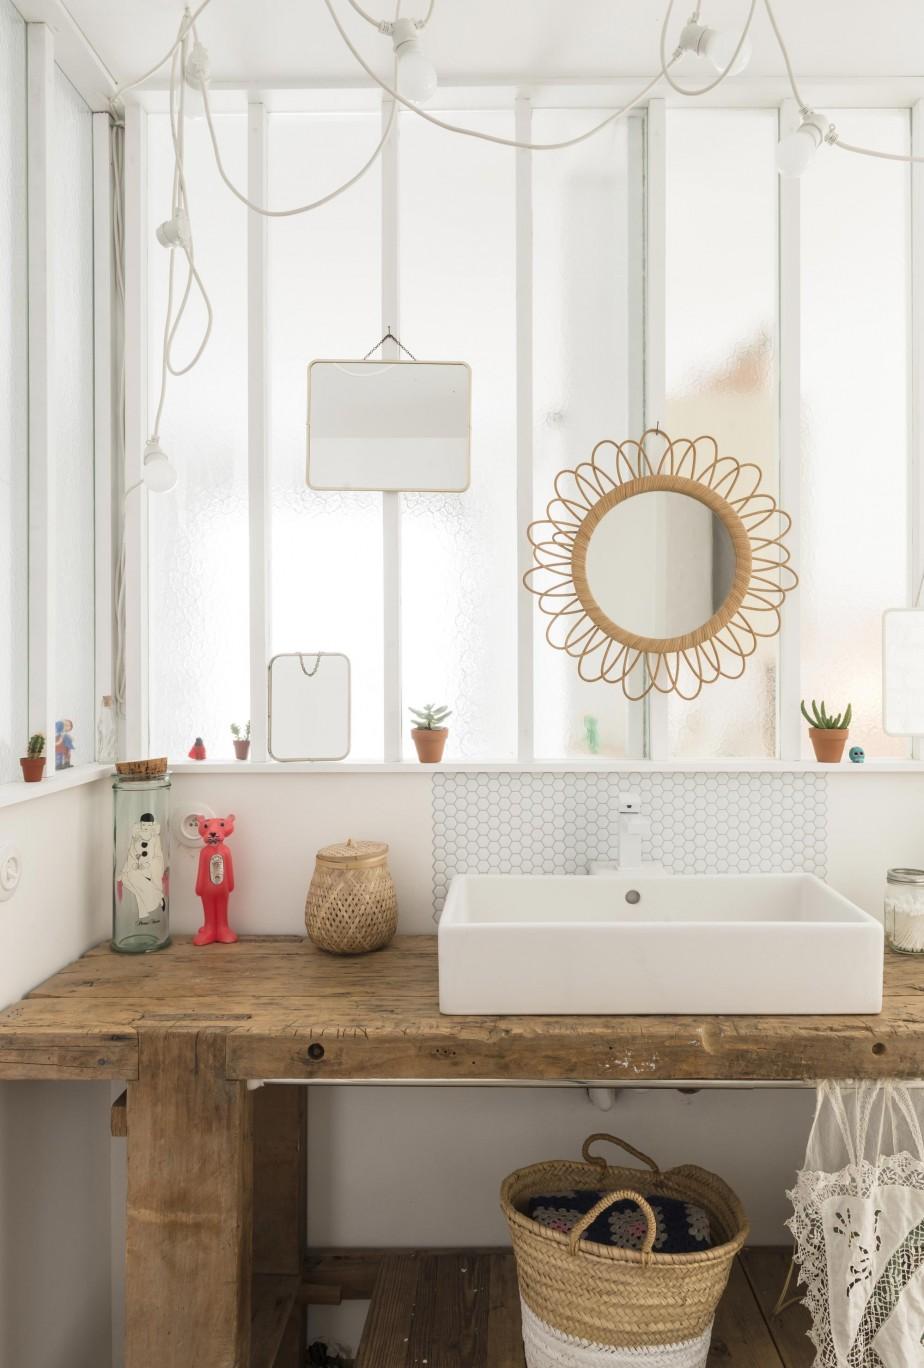 Jolie inspiration déco avec cette salle de bain lumineuse et naturelle, décorée de meubles en bois bruts et en osier. Retrouvez plus d'inspiration avec cette maison de bord de mer dans l'article.